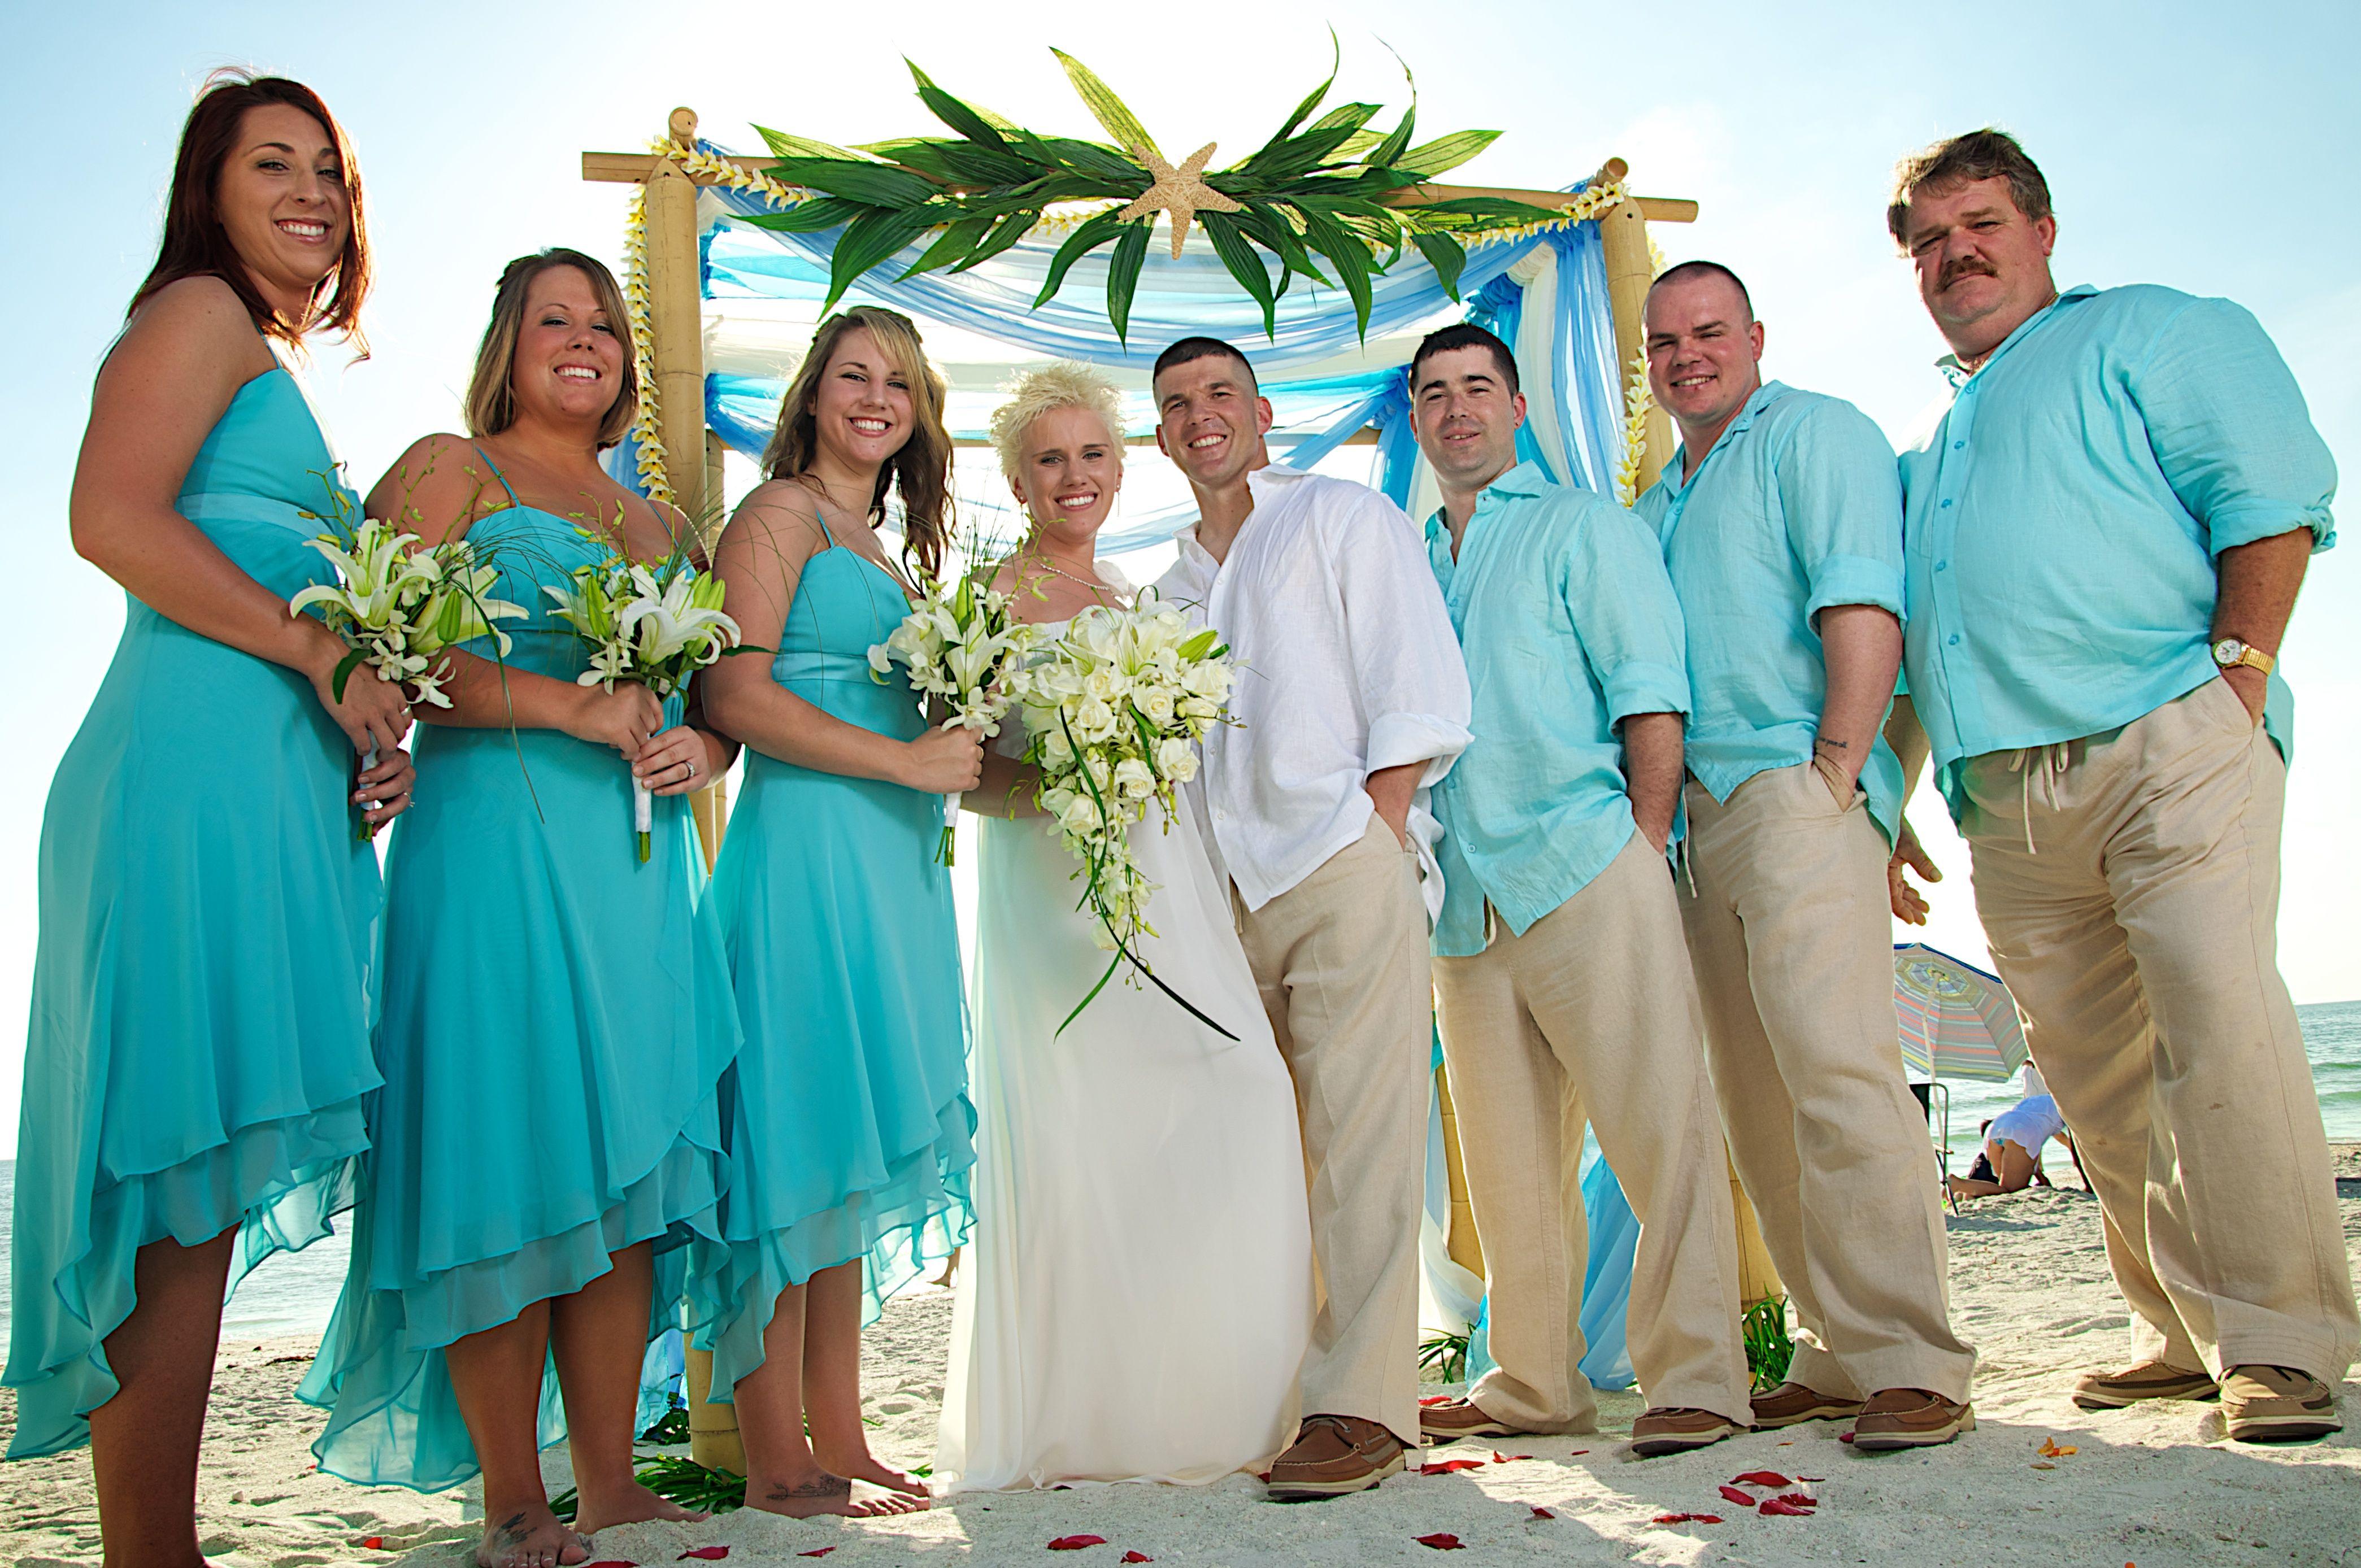 Aqua & carribean blue beach wedding Beach wedding attire